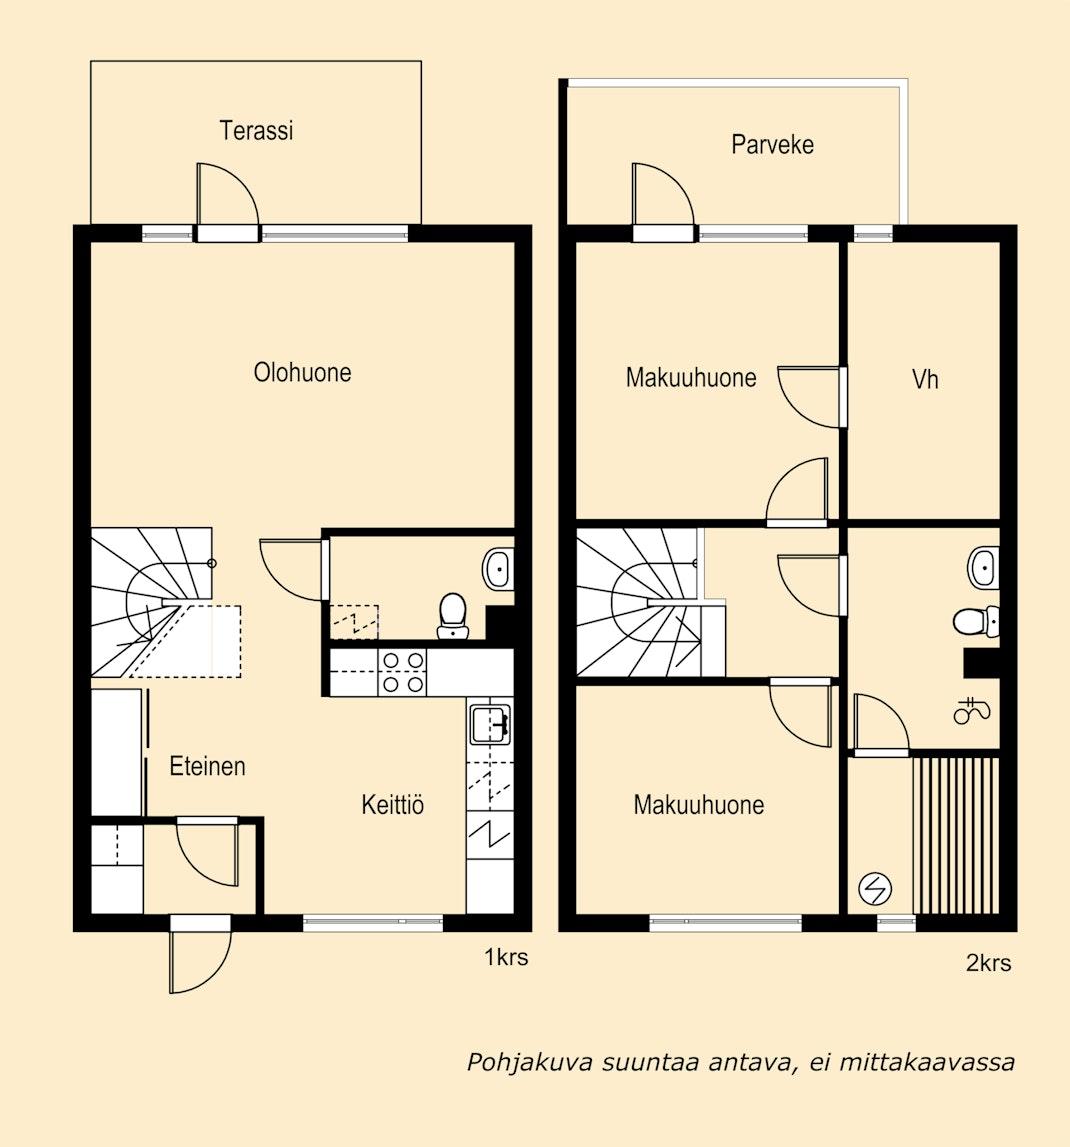 Tyylikäs ja moderni kahden makuuhuoneen rivitaloasunto Haritussa Pohjakuva